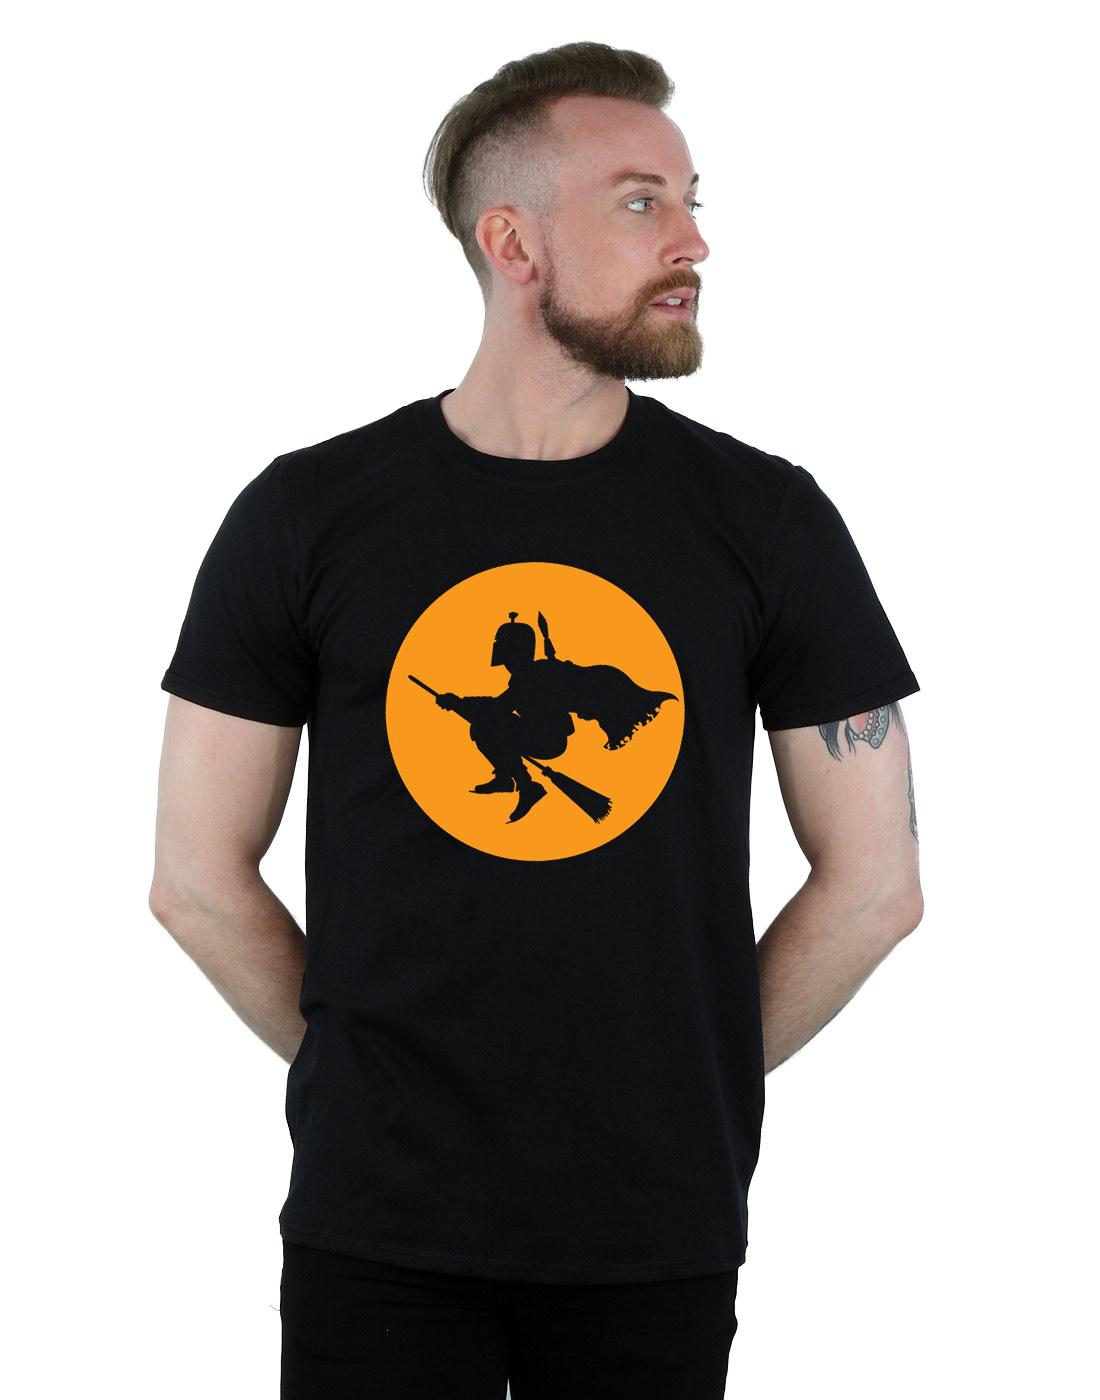 Boba-Fett-T-Shirt-Mens-Official-Star-Wars-Merchandise